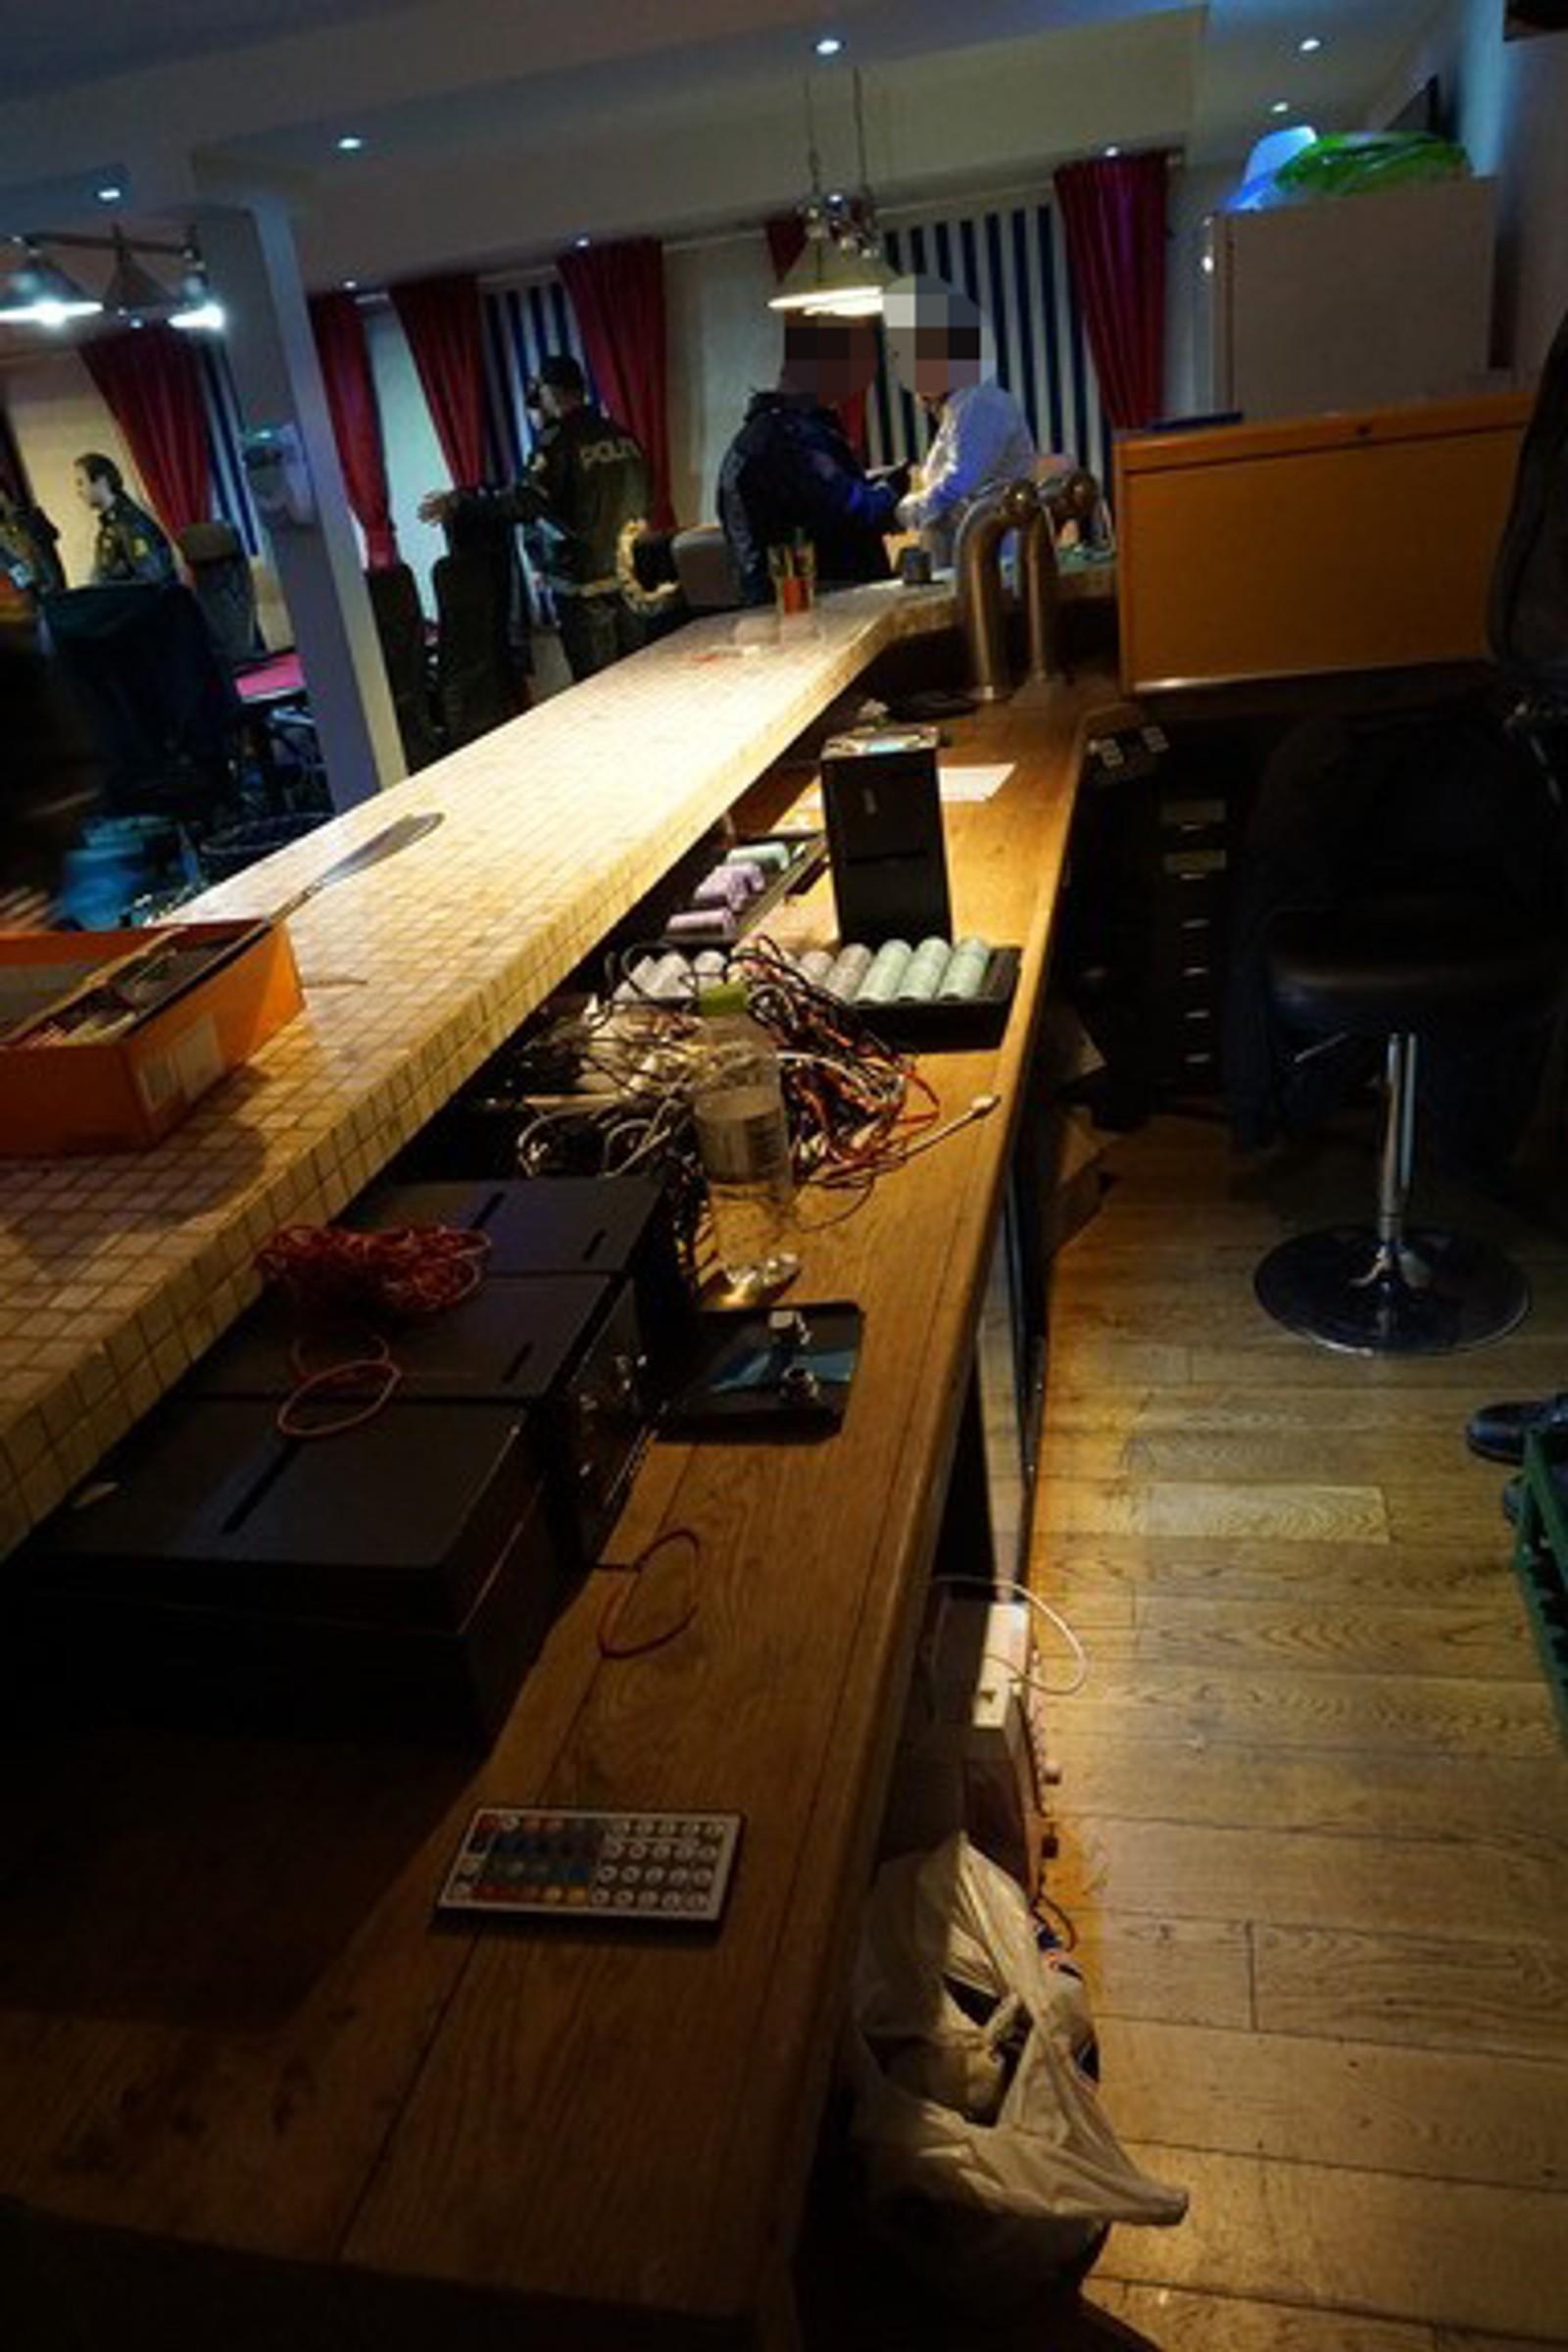 EGEN BAR: Pokerklubben i Kaigaten i Bergen er innredet med egen bar. Bildet er tatt under politiets razzia natt til fredag, der tre personer ble fengslet.